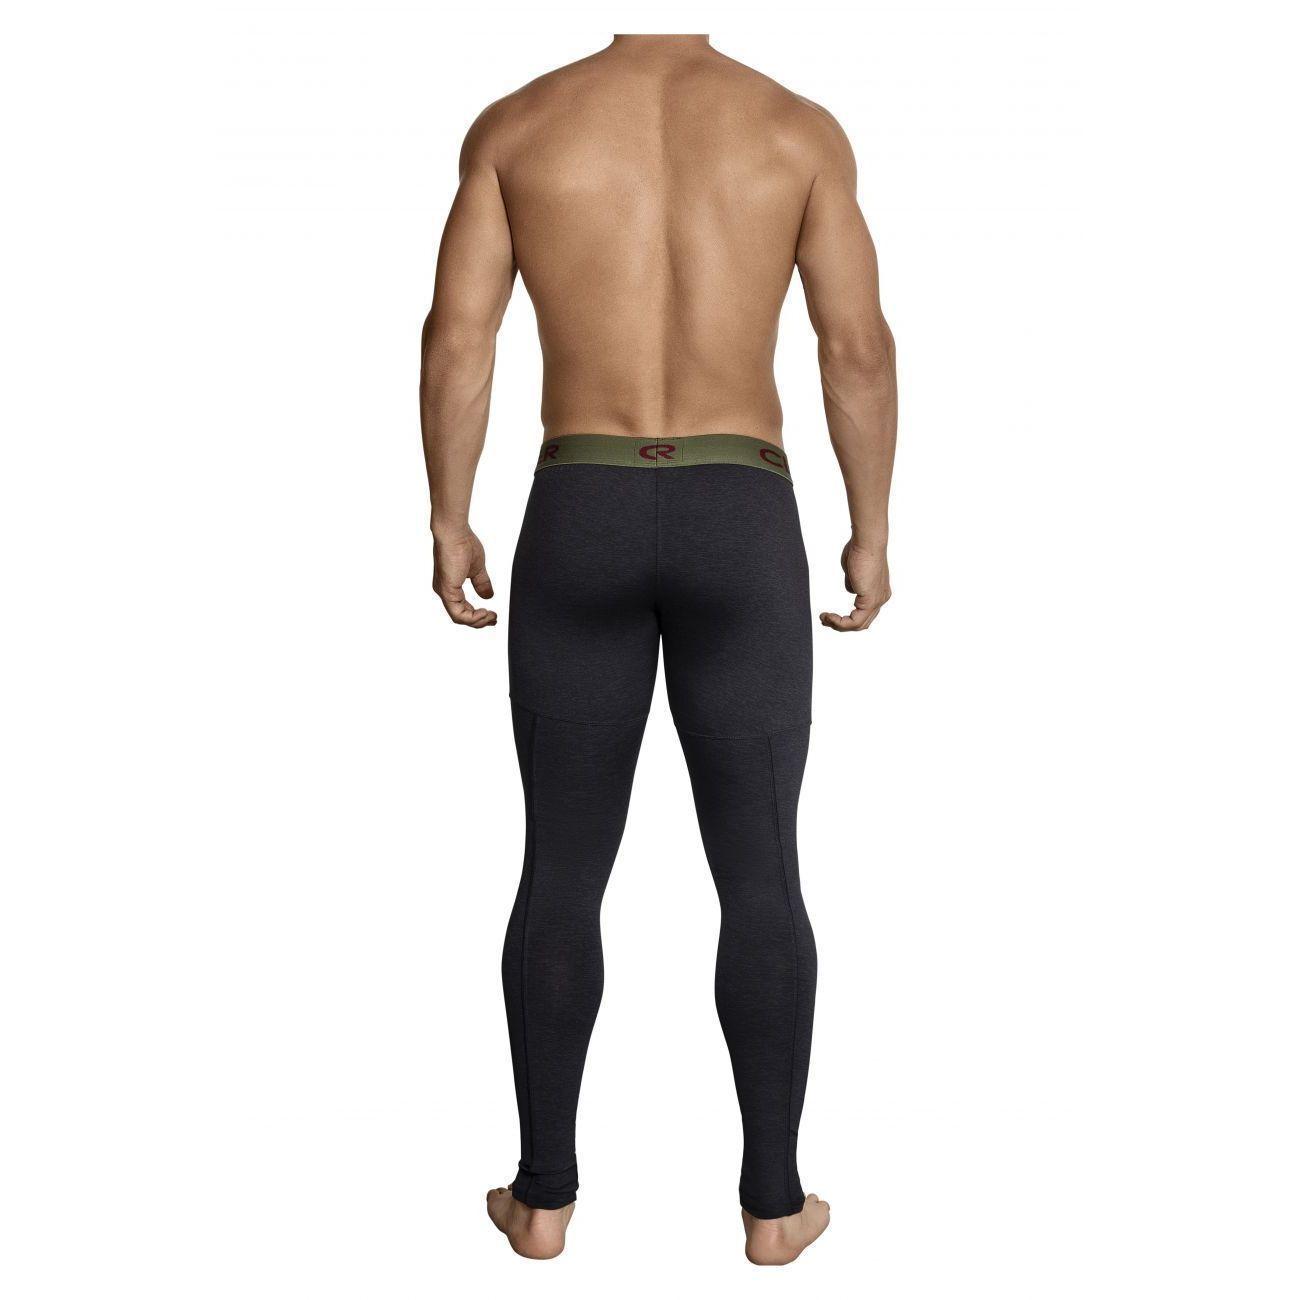 Мужские кальсоны темно-серые Clever Gordiano Long Pant 031411